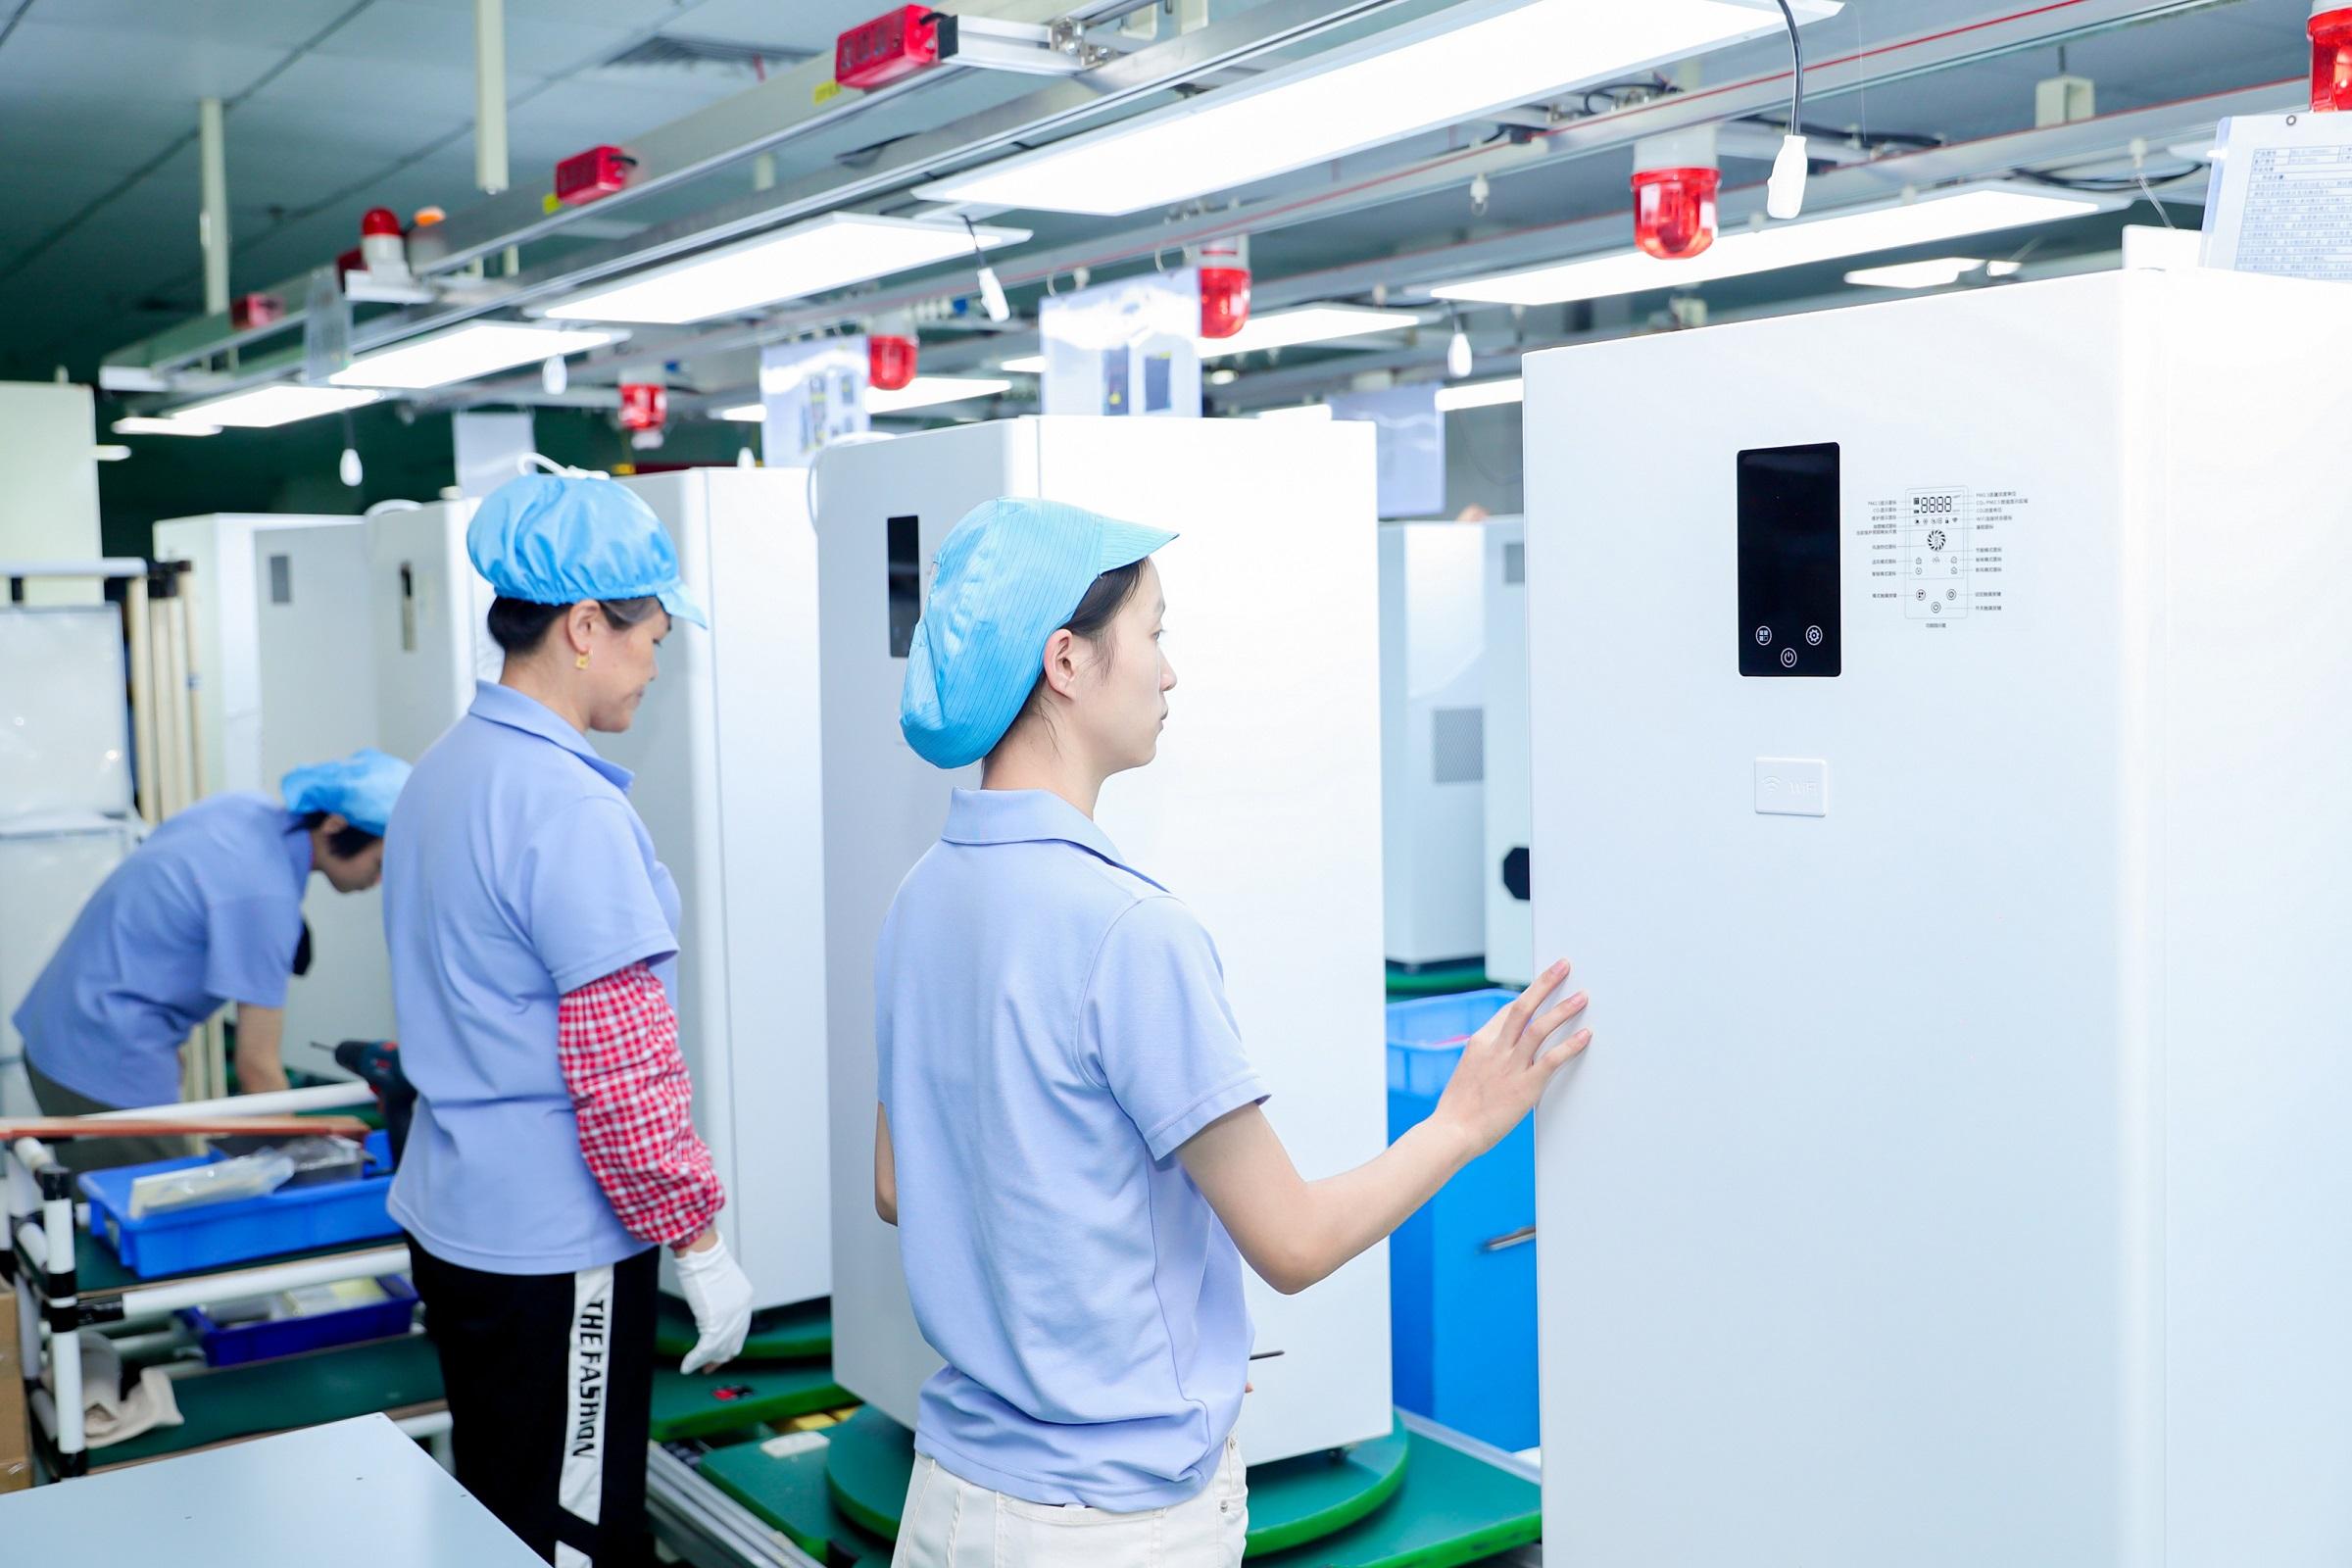 BRI呼博士杀毒新风:节能减排既是企业的责任也是义务-上海空气新风展 AIRVENTEC CHINA 2022.6.8-10新风系统 通风设备 空气净化